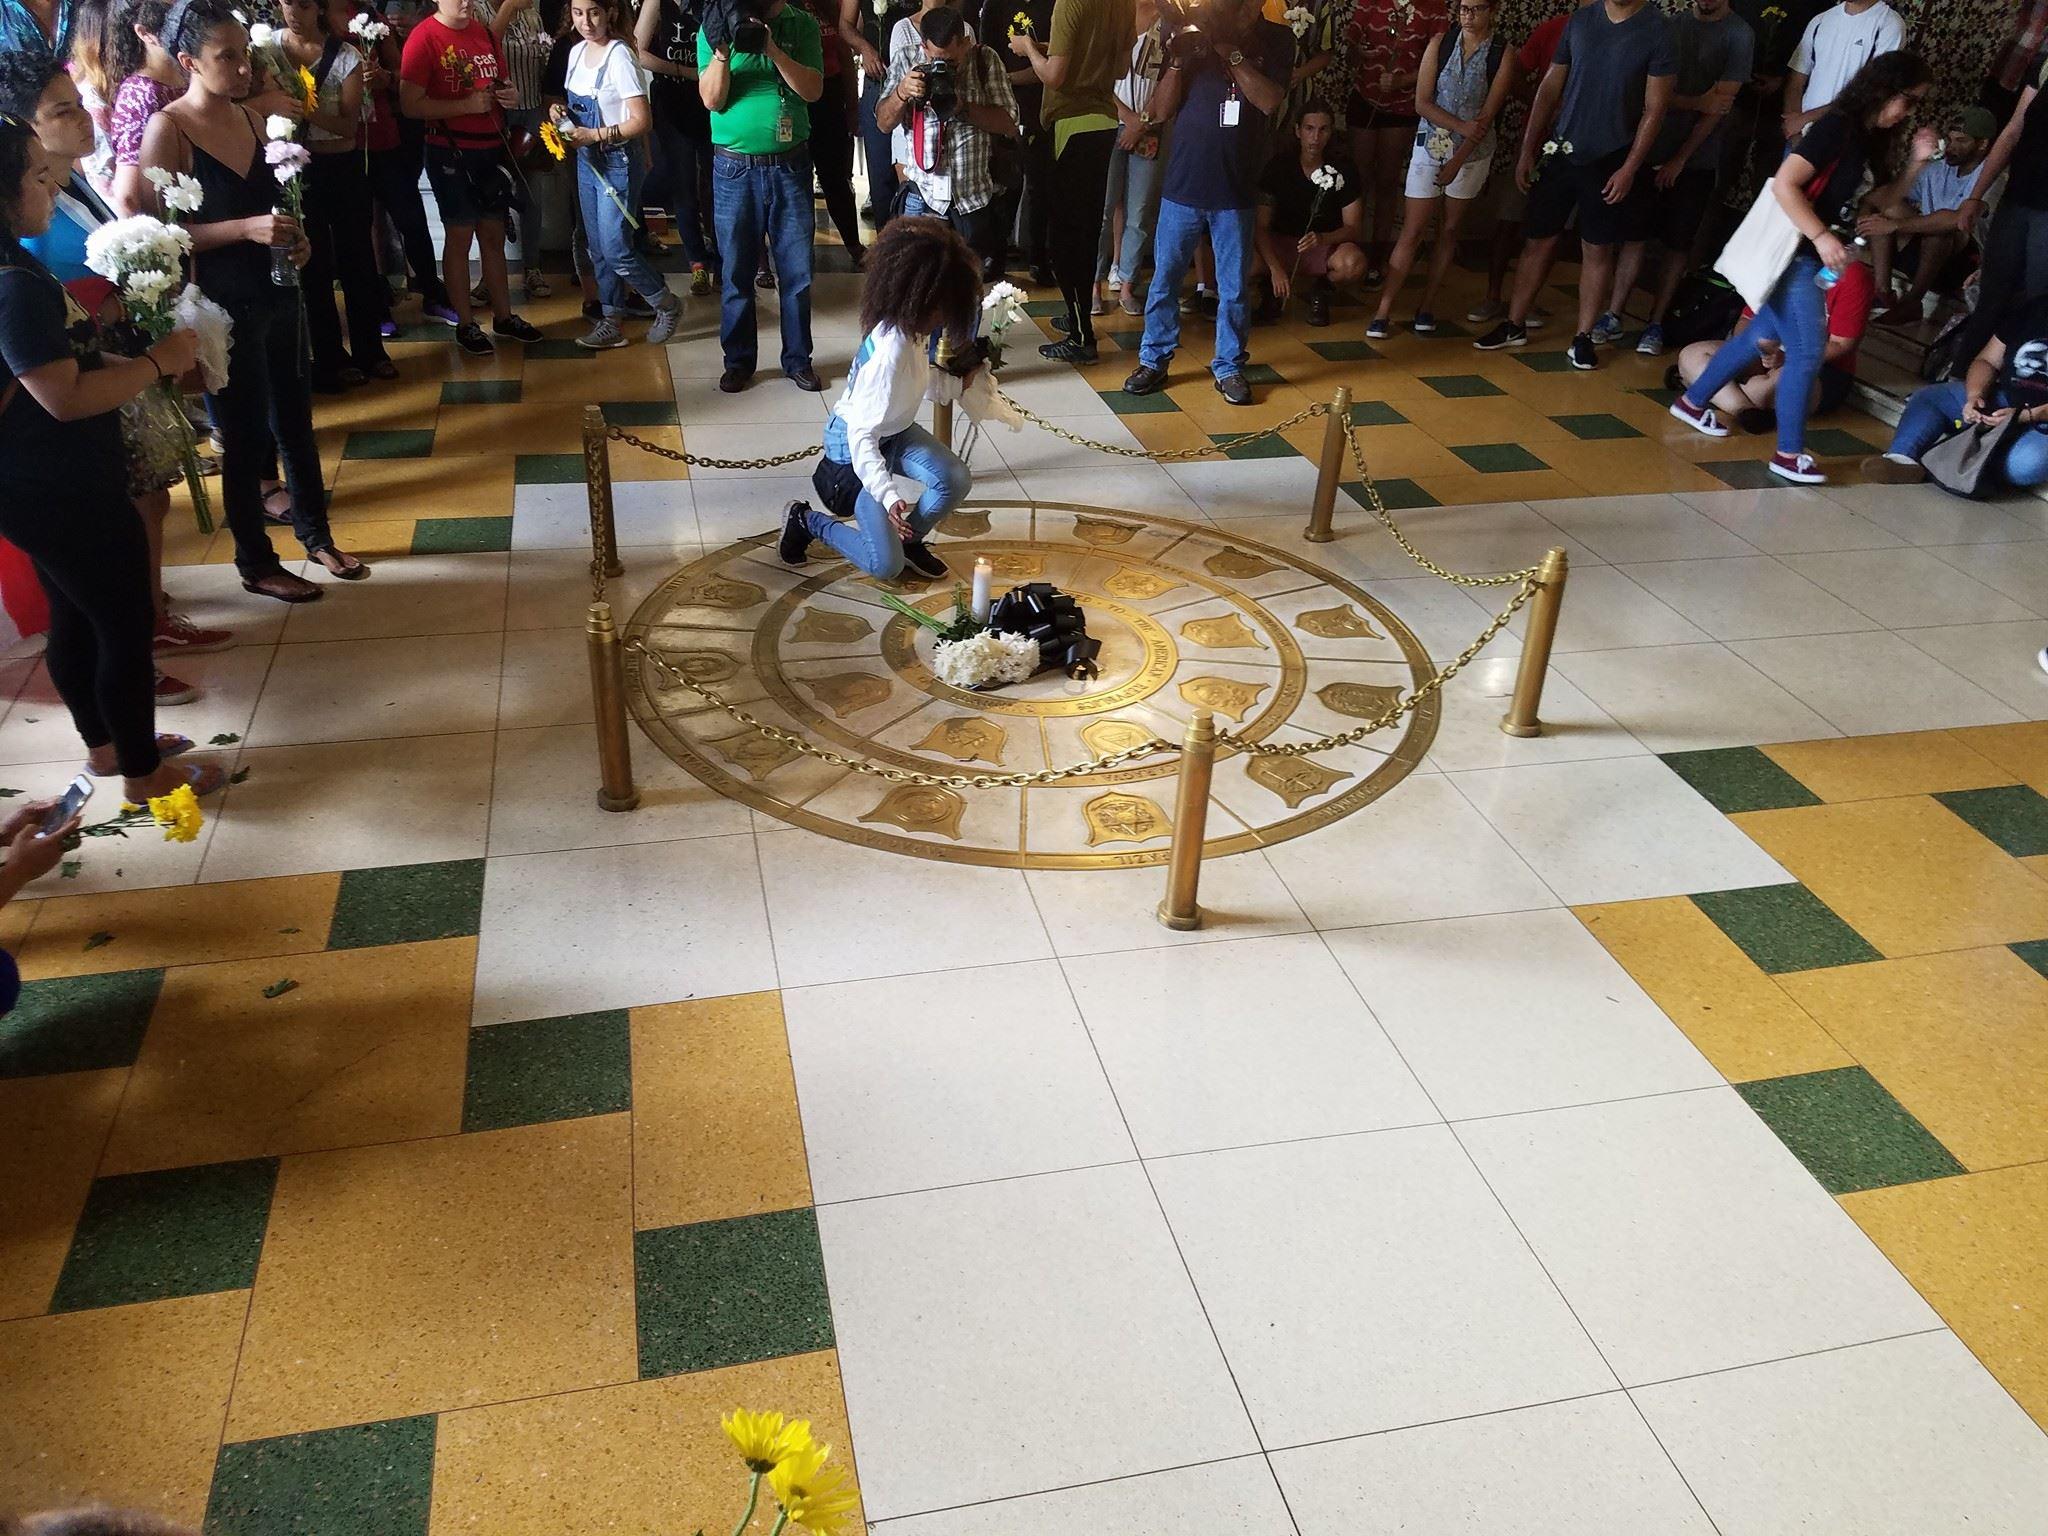 Ayer, estudiantes del Recinto de Río Piedras de la UPR llevaron a cabo un emotivo acto en honor a Gabriel Rivera Rivera. Fotos: Facebook / Centro de Comunicación Estudiantil